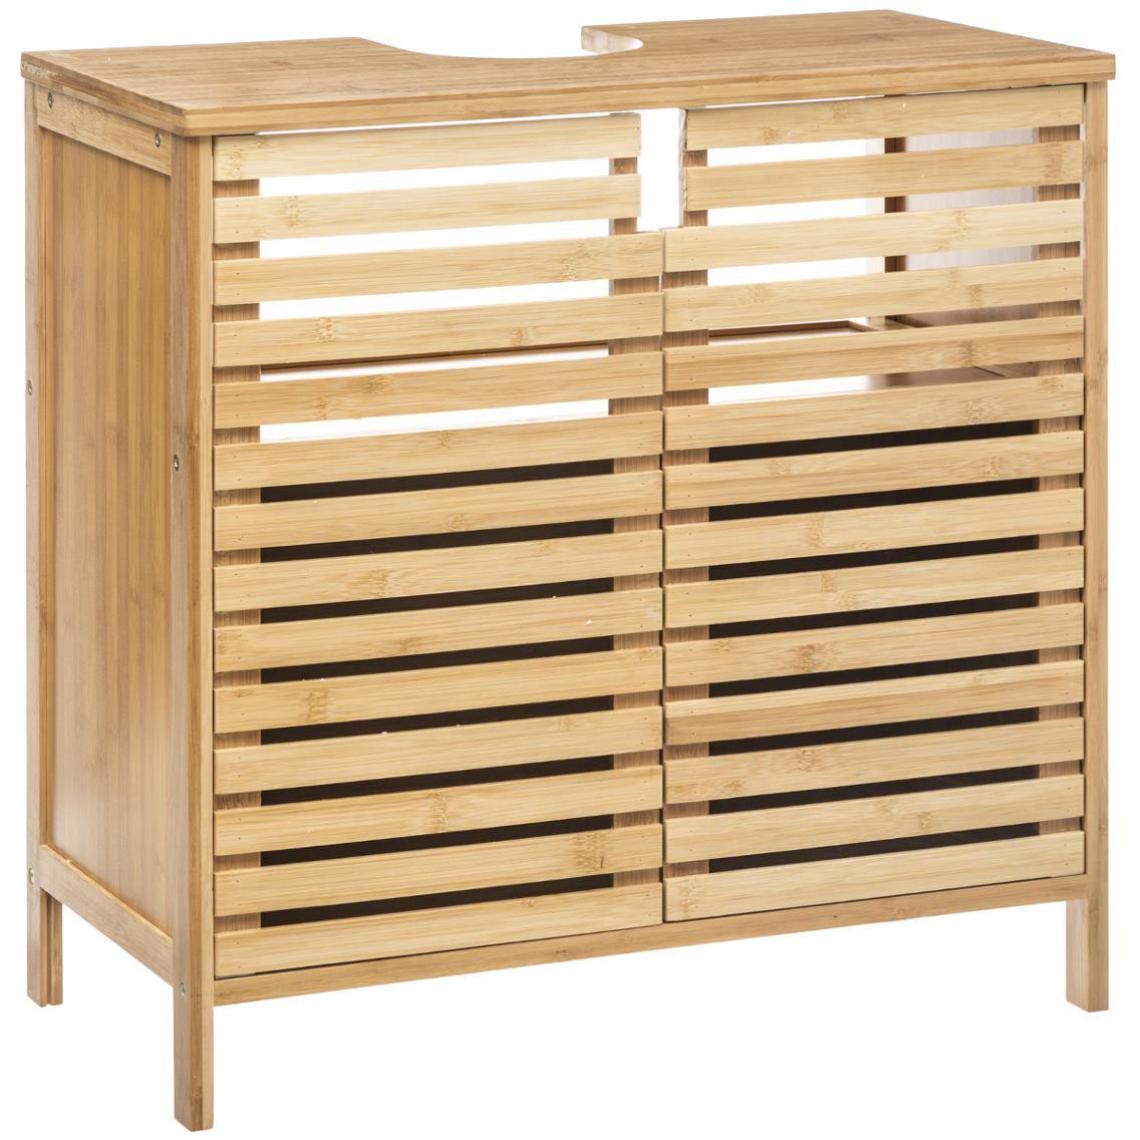 Salle De Bain Deco Bambou meuble lavabo en bambou beige cepalo plus de détails